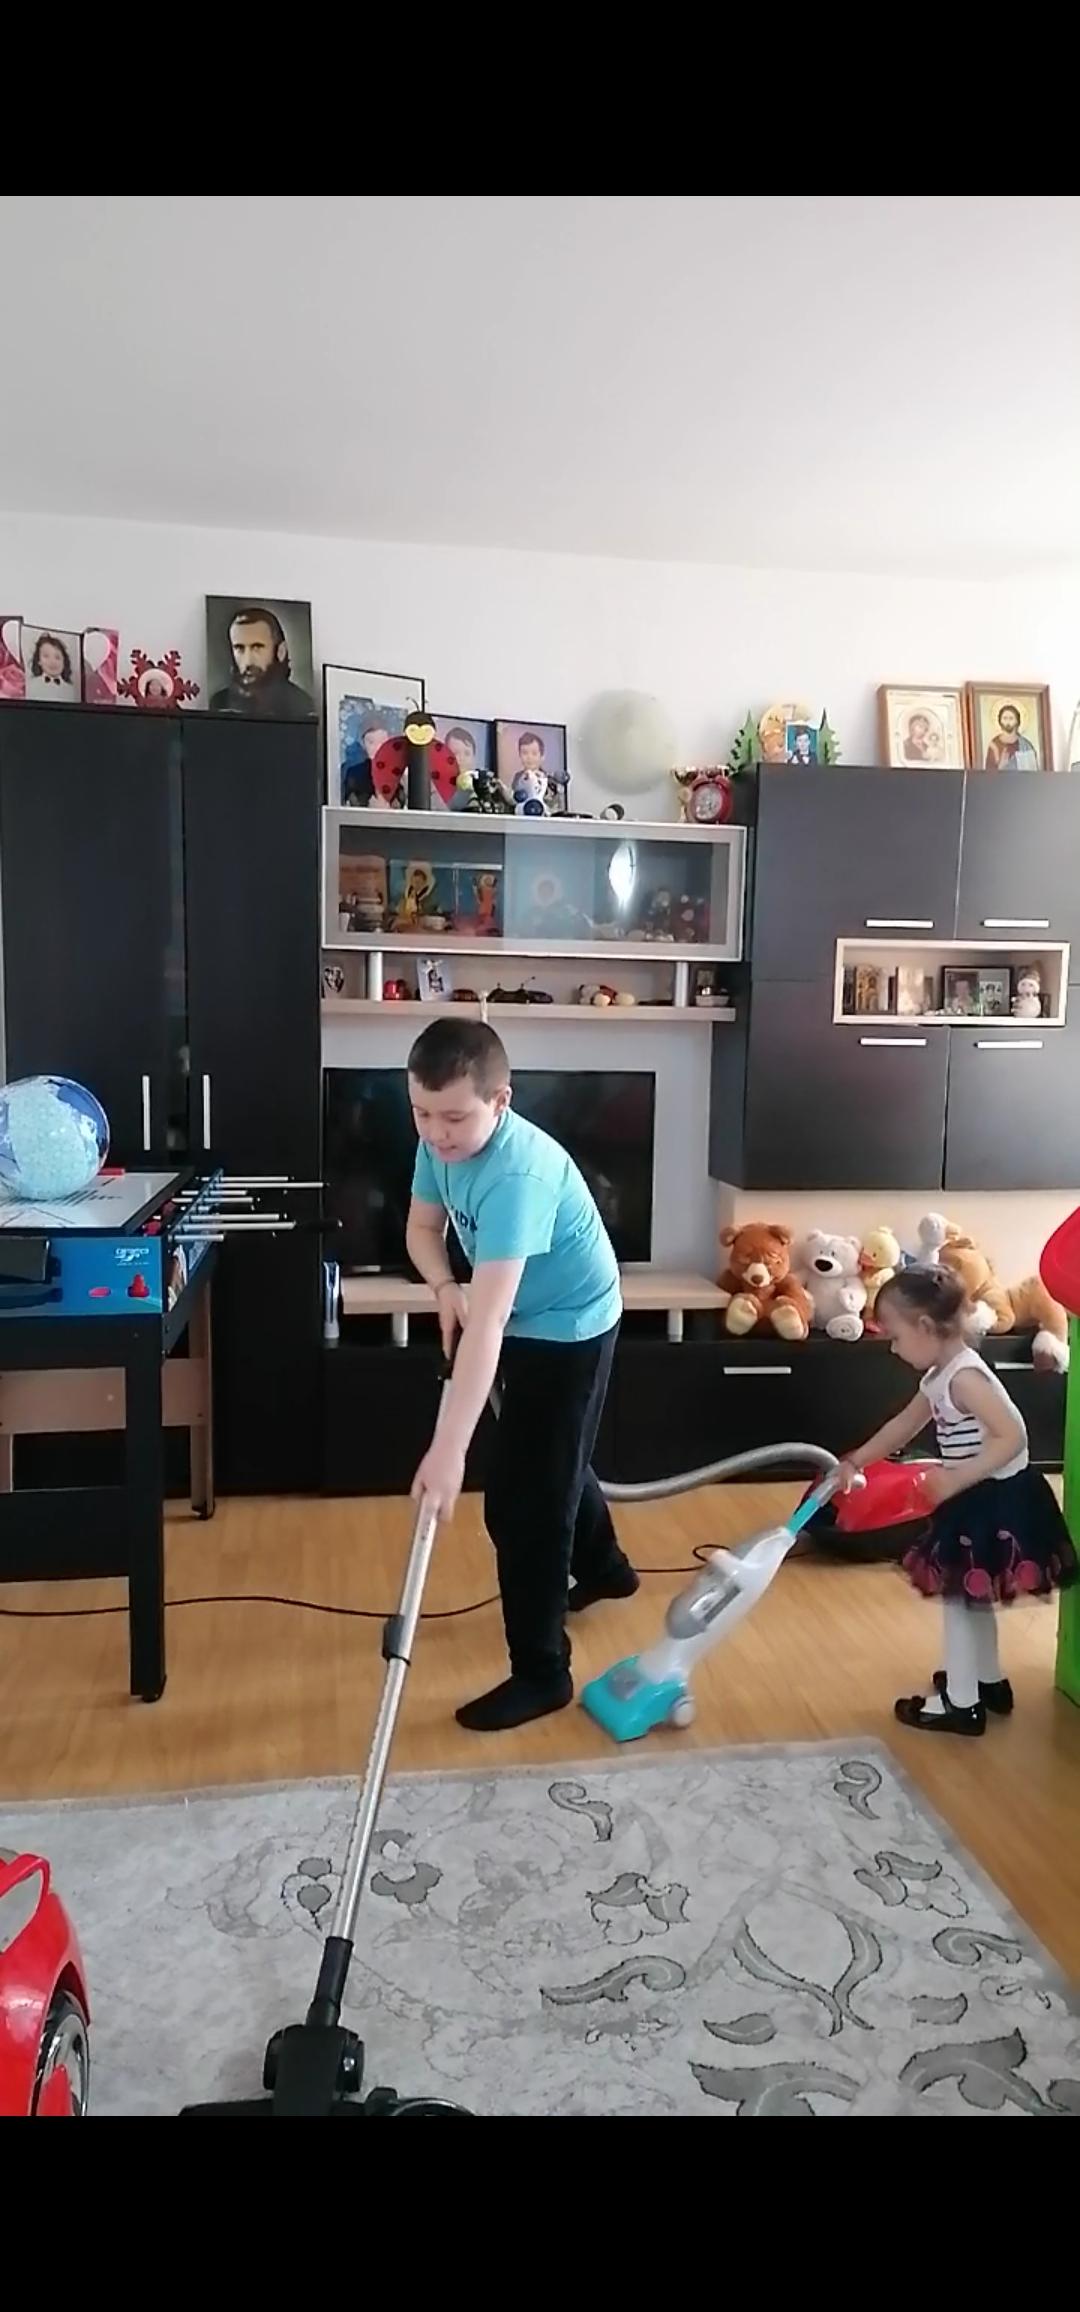 Fac curat în casa